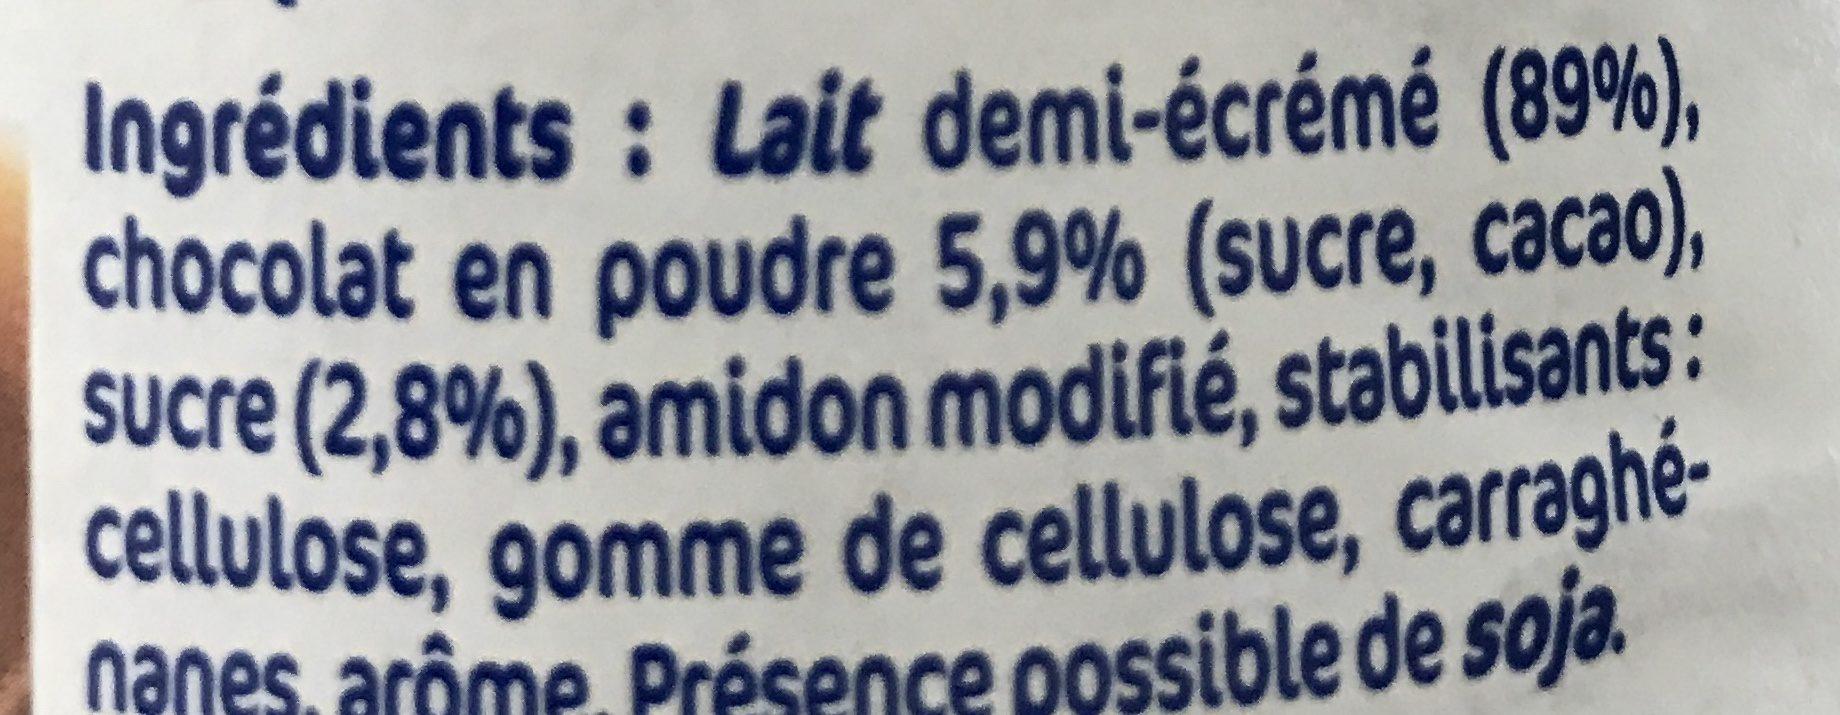 Lait chocolat - Ingrediënten